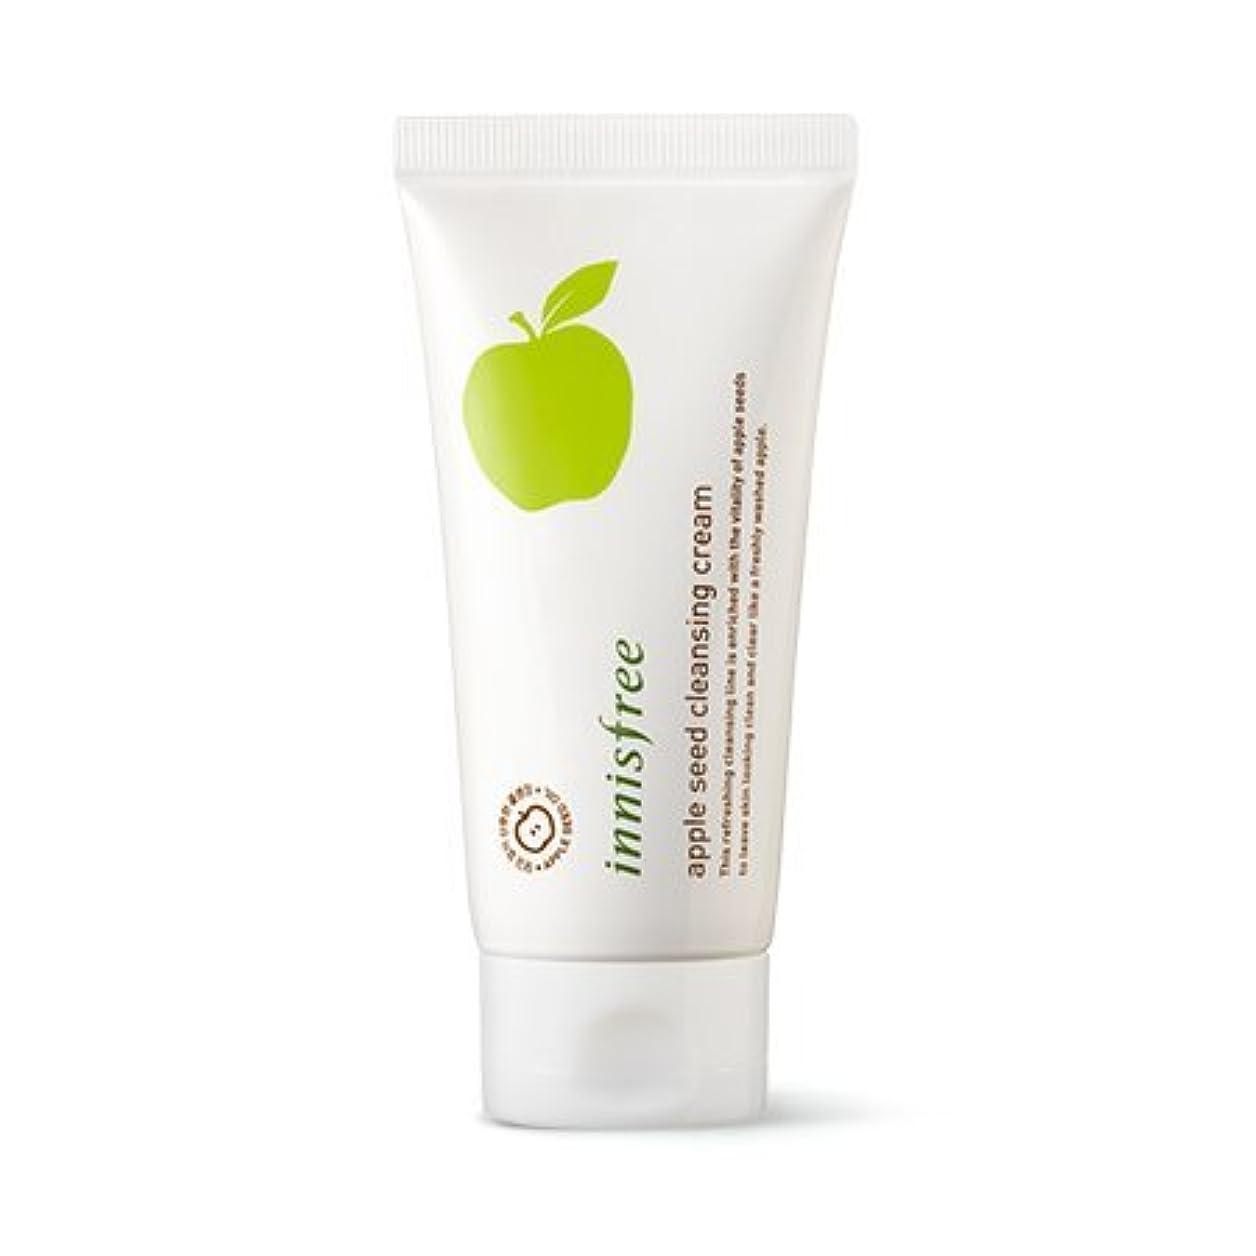 トリッキー砲撃カート[New] innisfree Apple Seed Cleansing Cream 150ml/イニスフリー アップル シード クレンジング クリーム 150ml